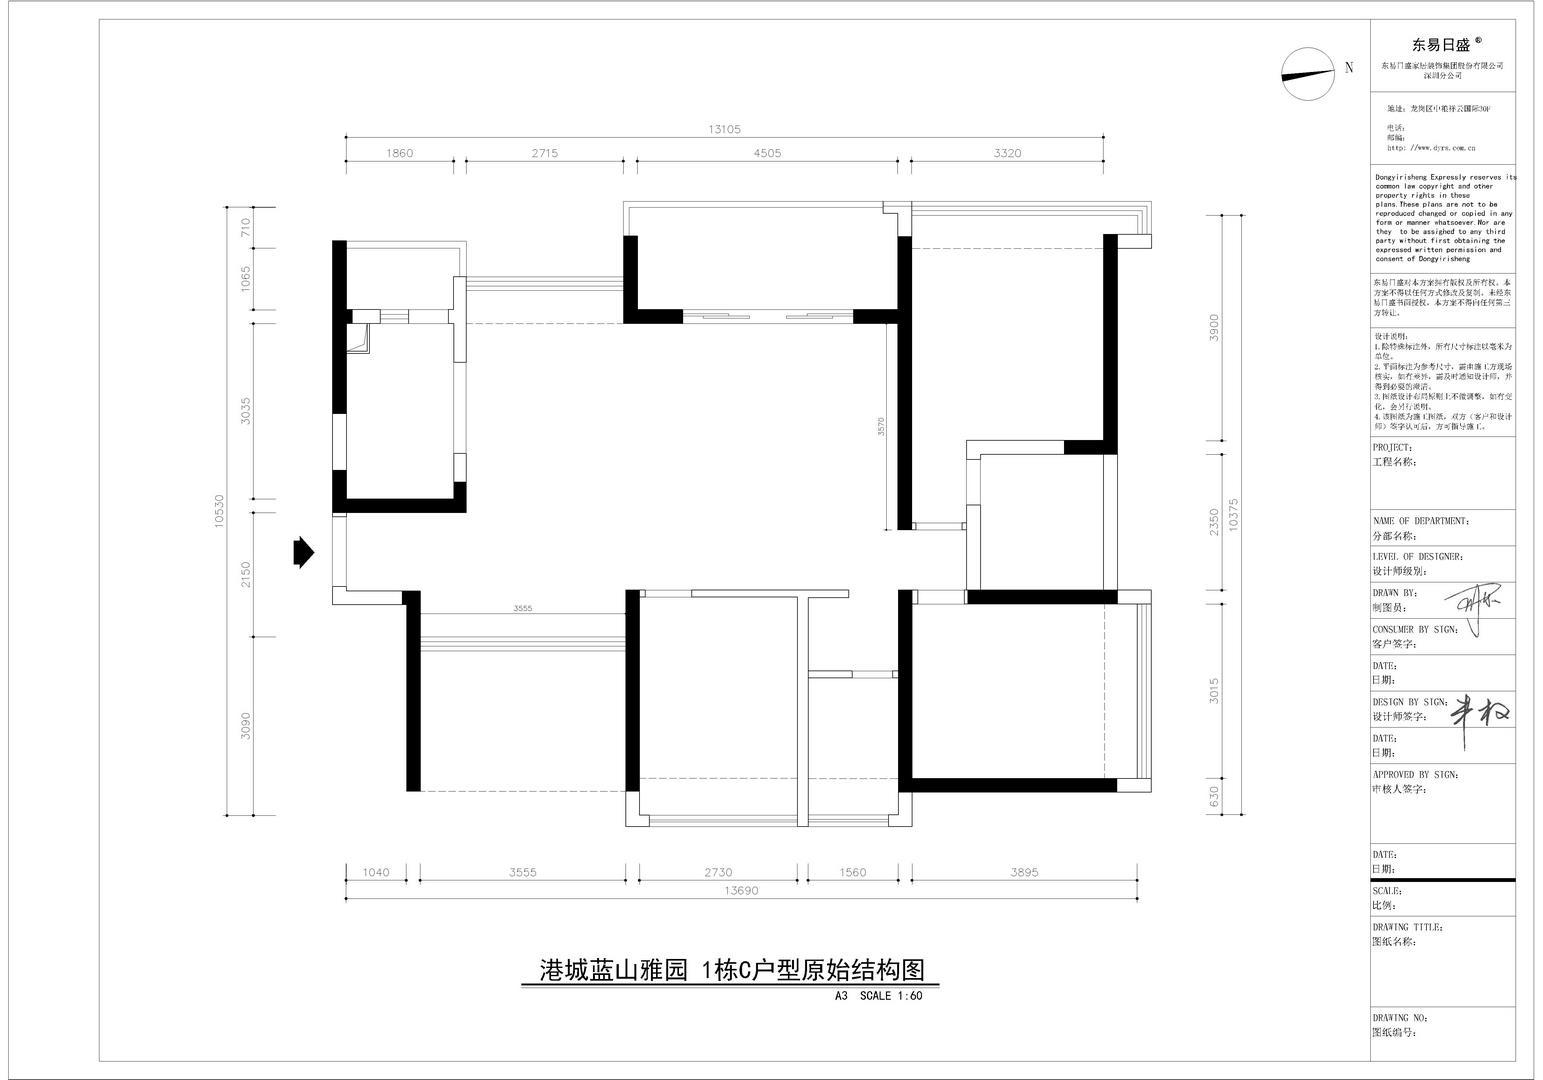 港城蓝山-139平米装修-现代简约风格设计案例装修设计理念